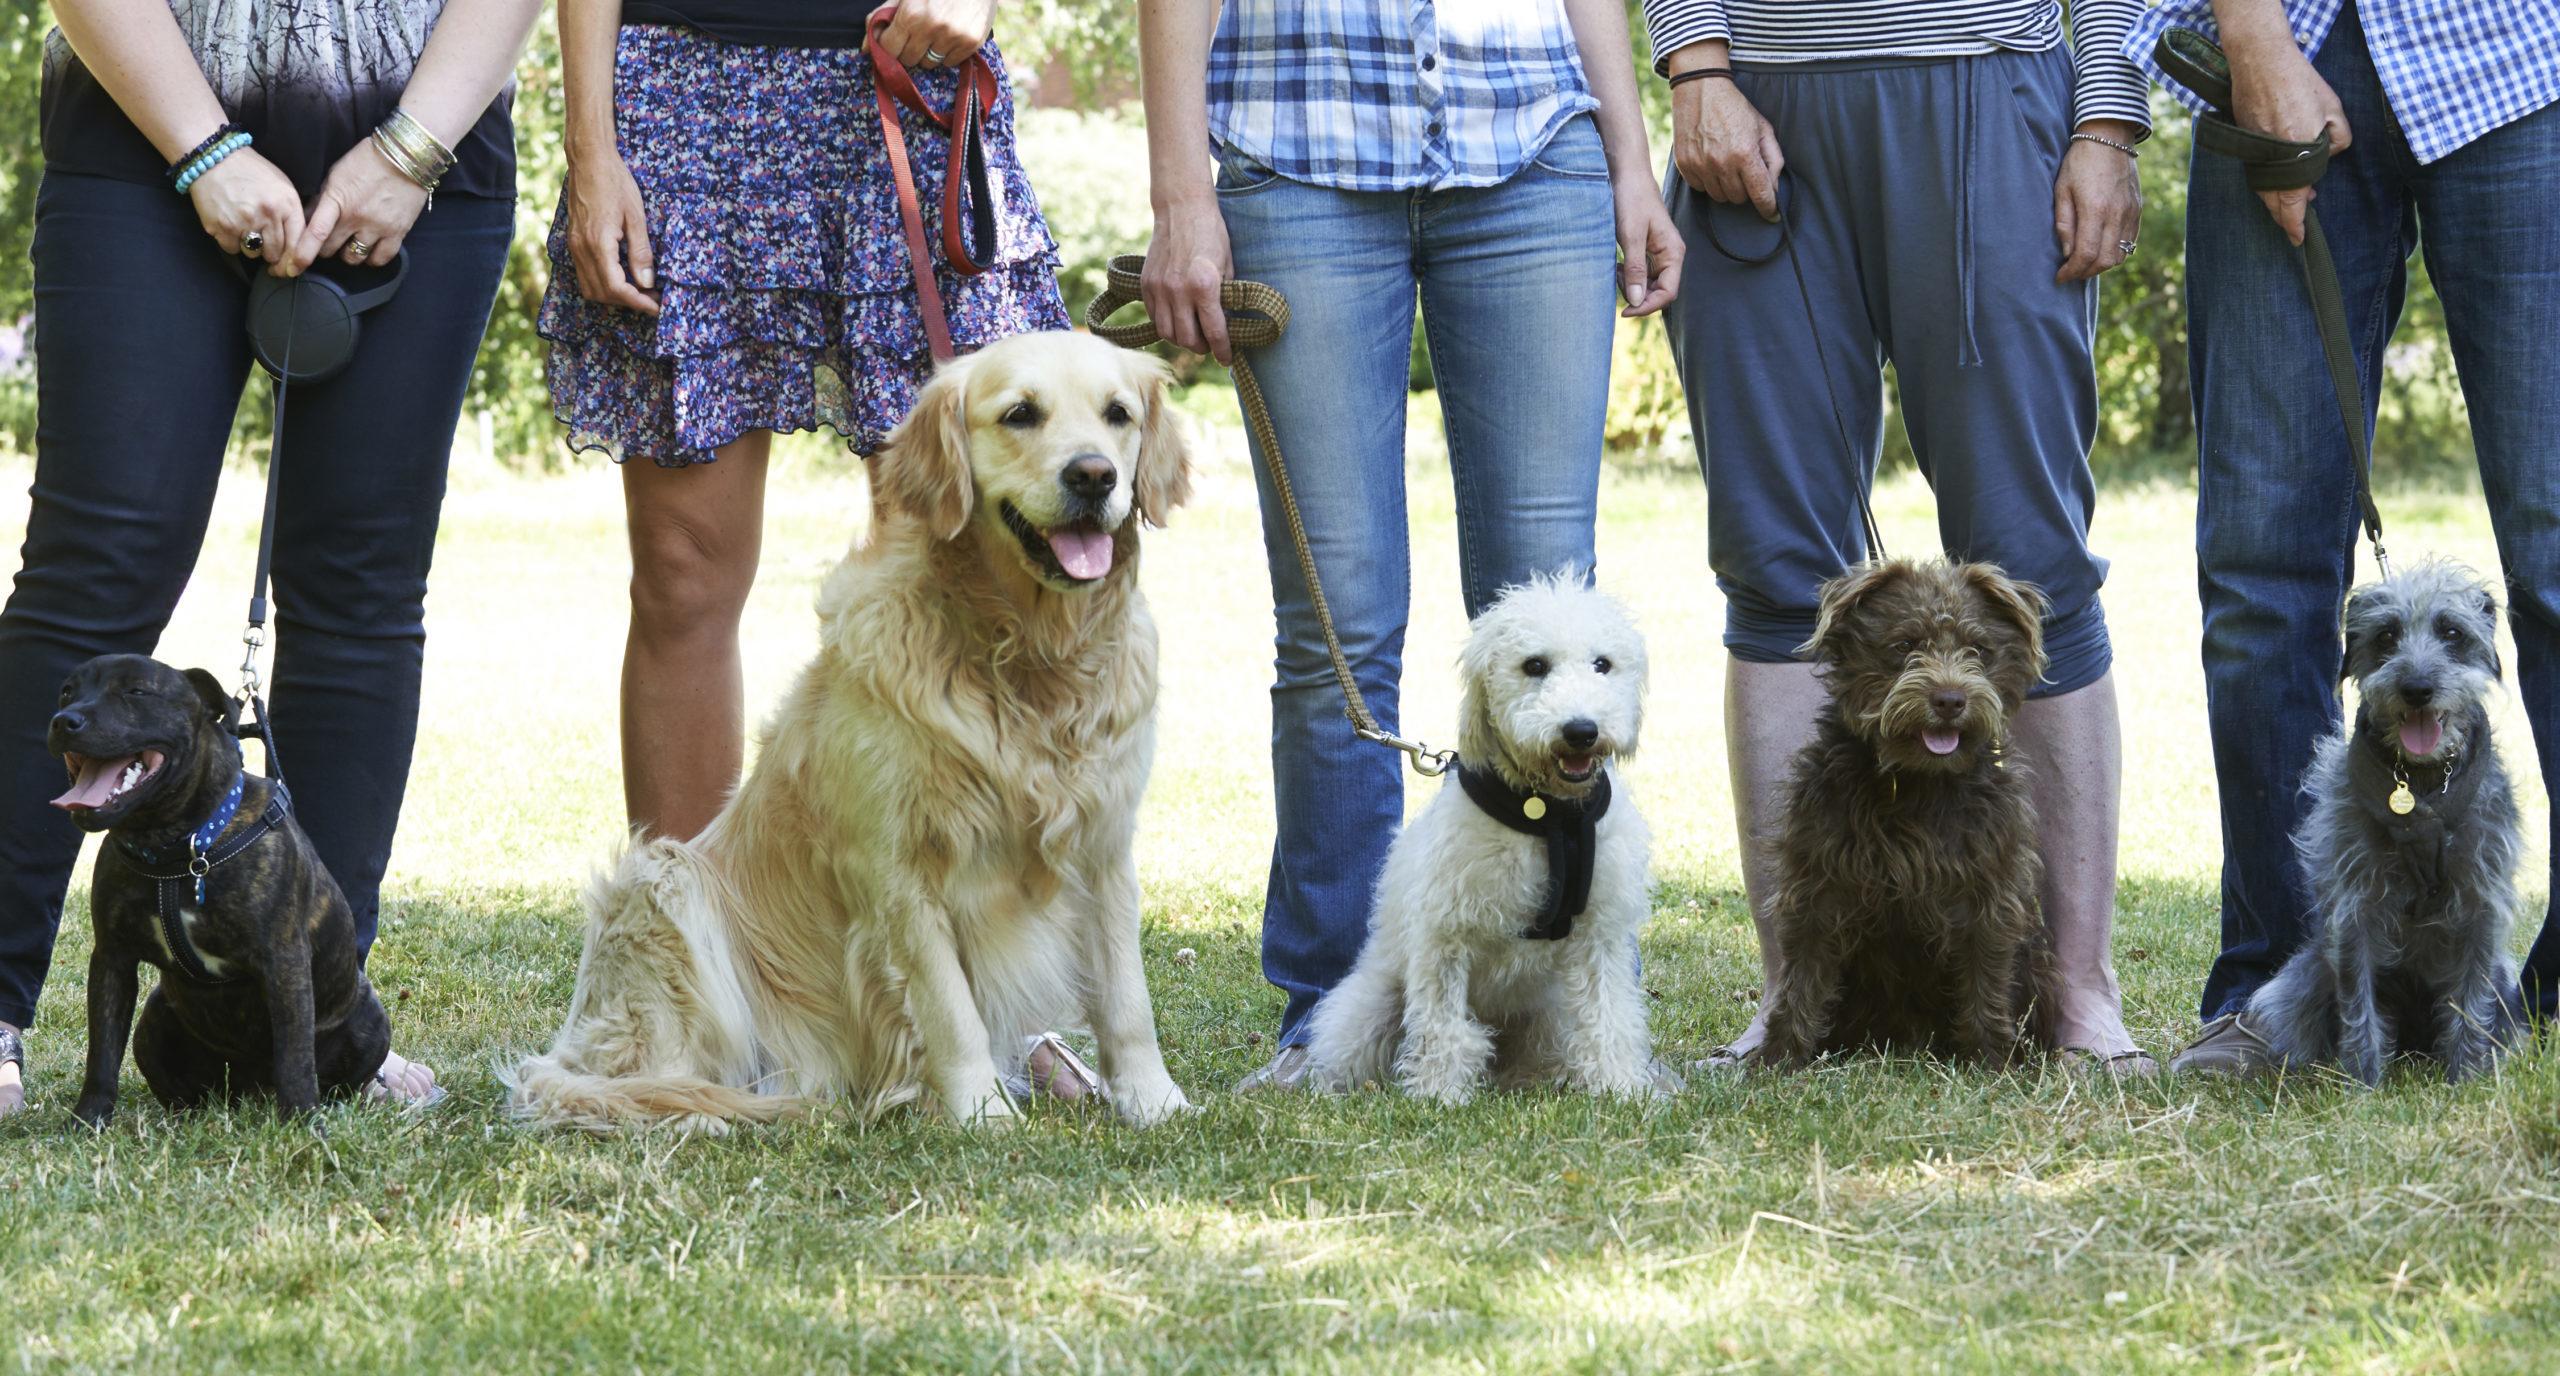 Beruf Hundetrainer: 8 Dinge, die du wissen solltest